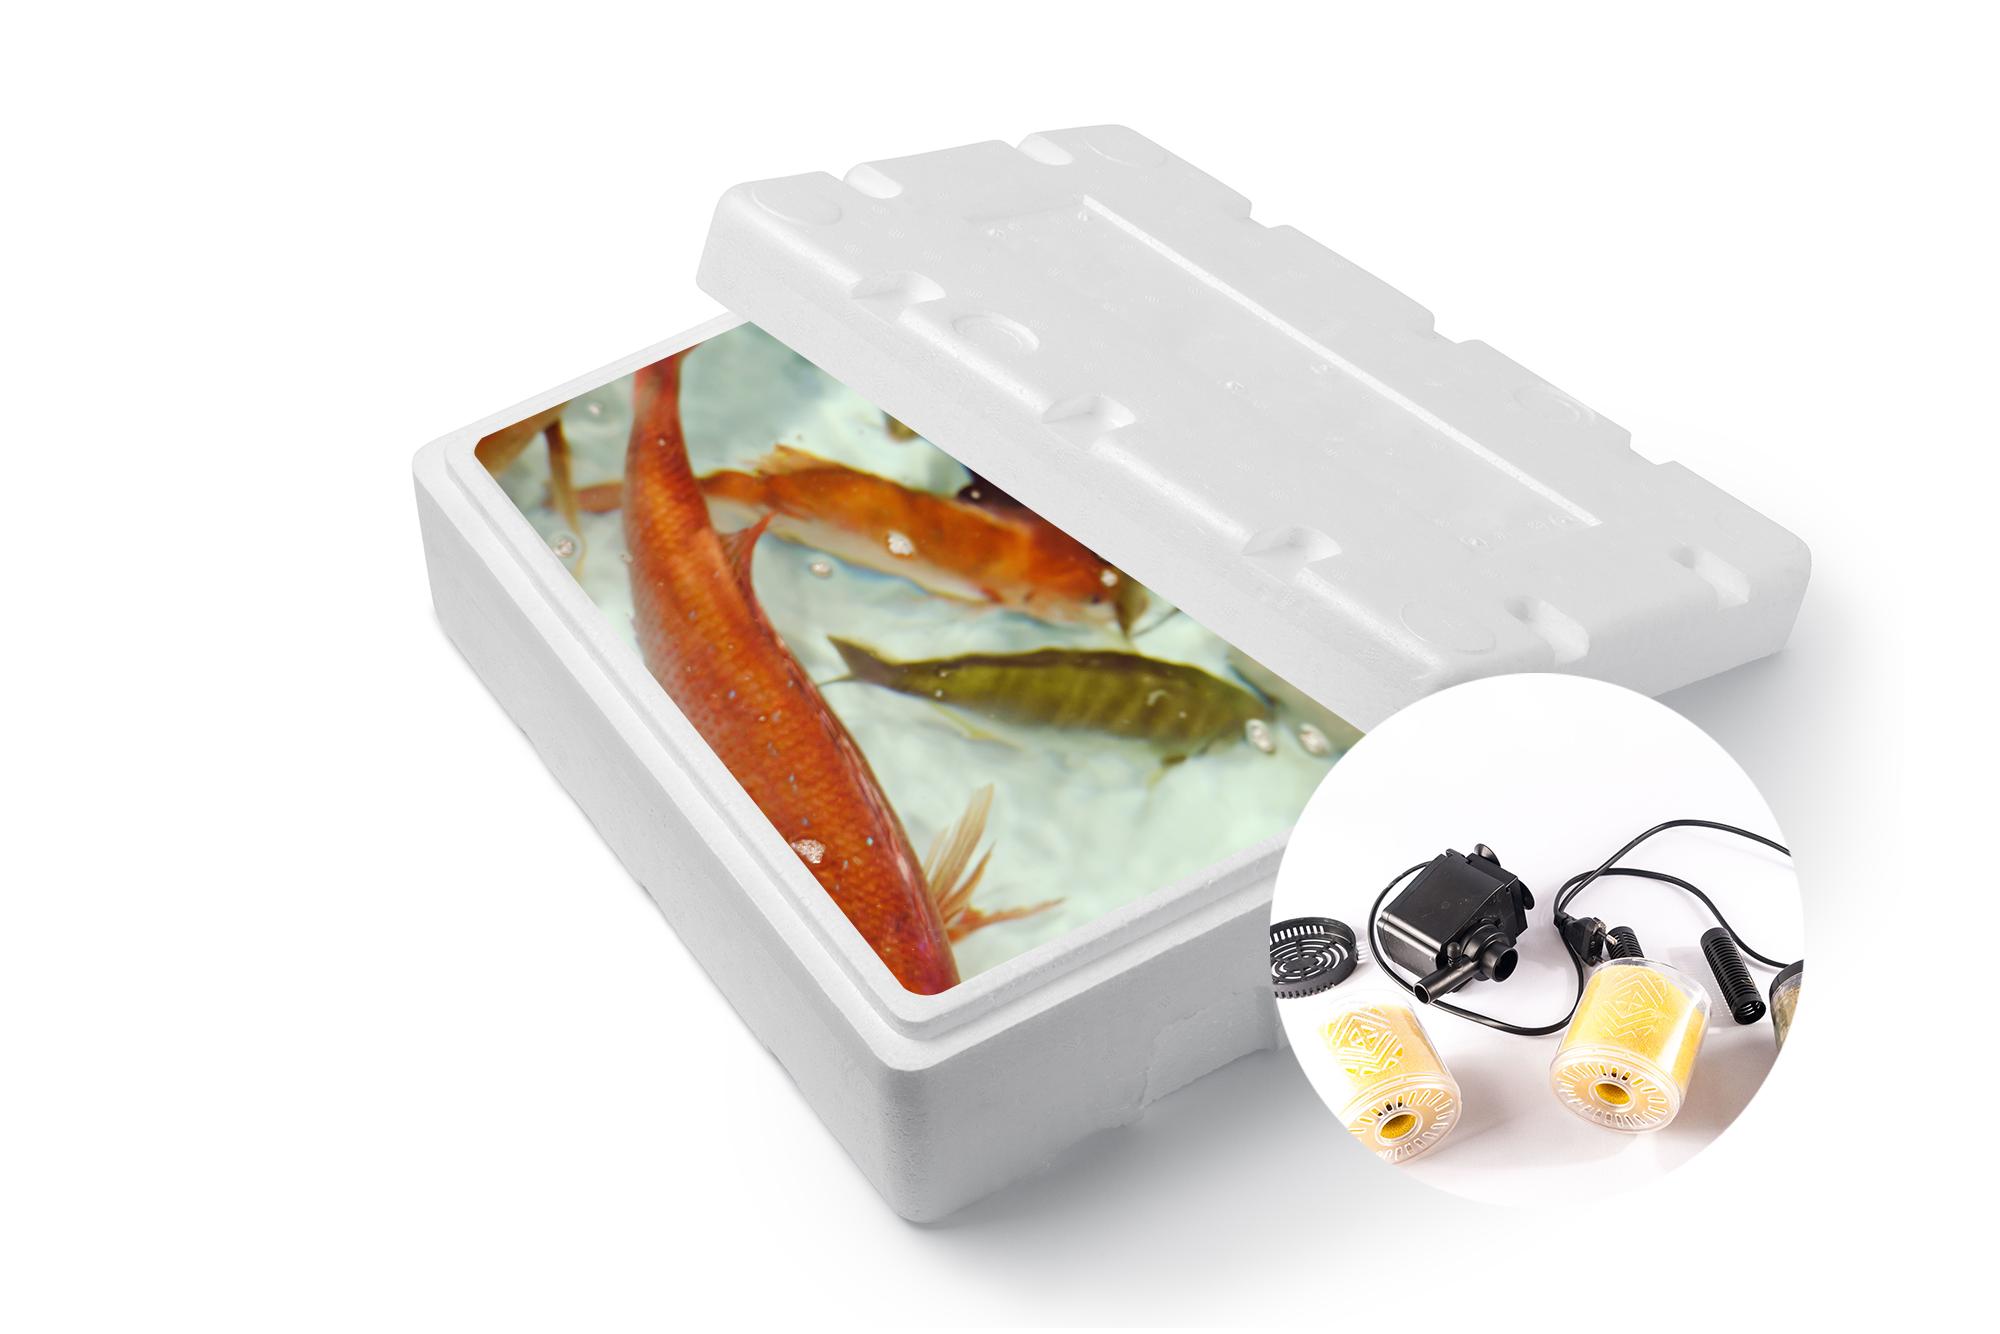 ・活魚用スチロール・いきいきポンプ・乾電池・テープ・ネット・はかり